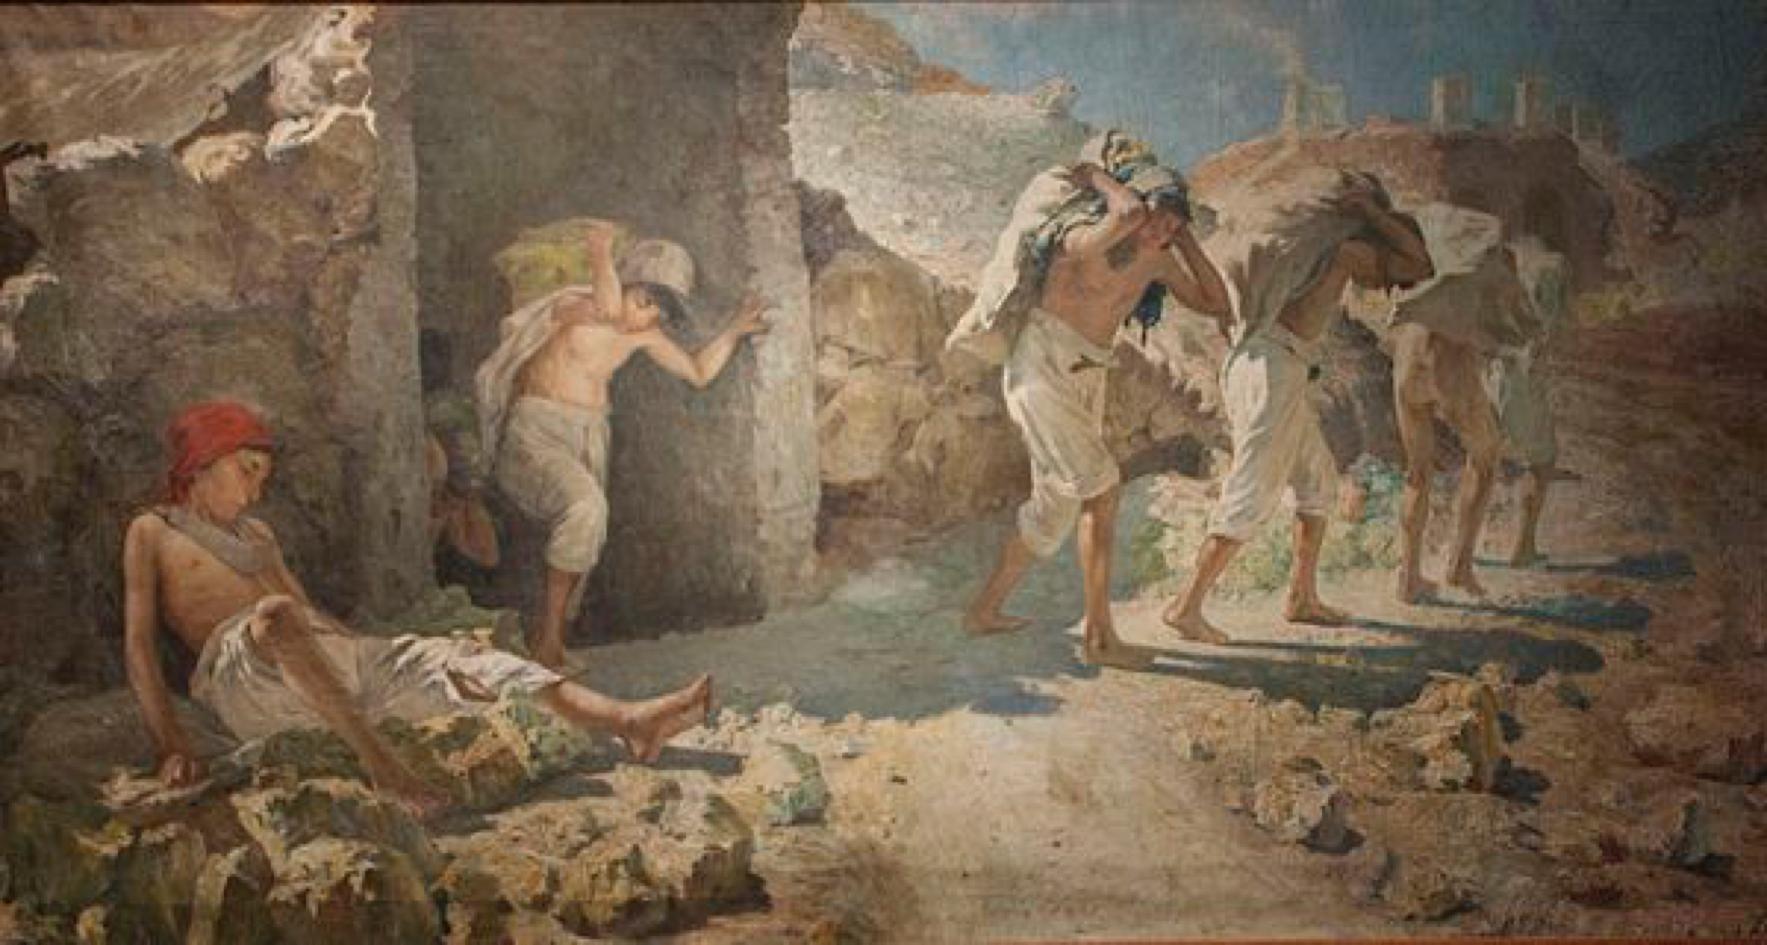 Il Verismo dimenticato di Onofrio Tomaselli, maestro di Guttuso e uomo di politica